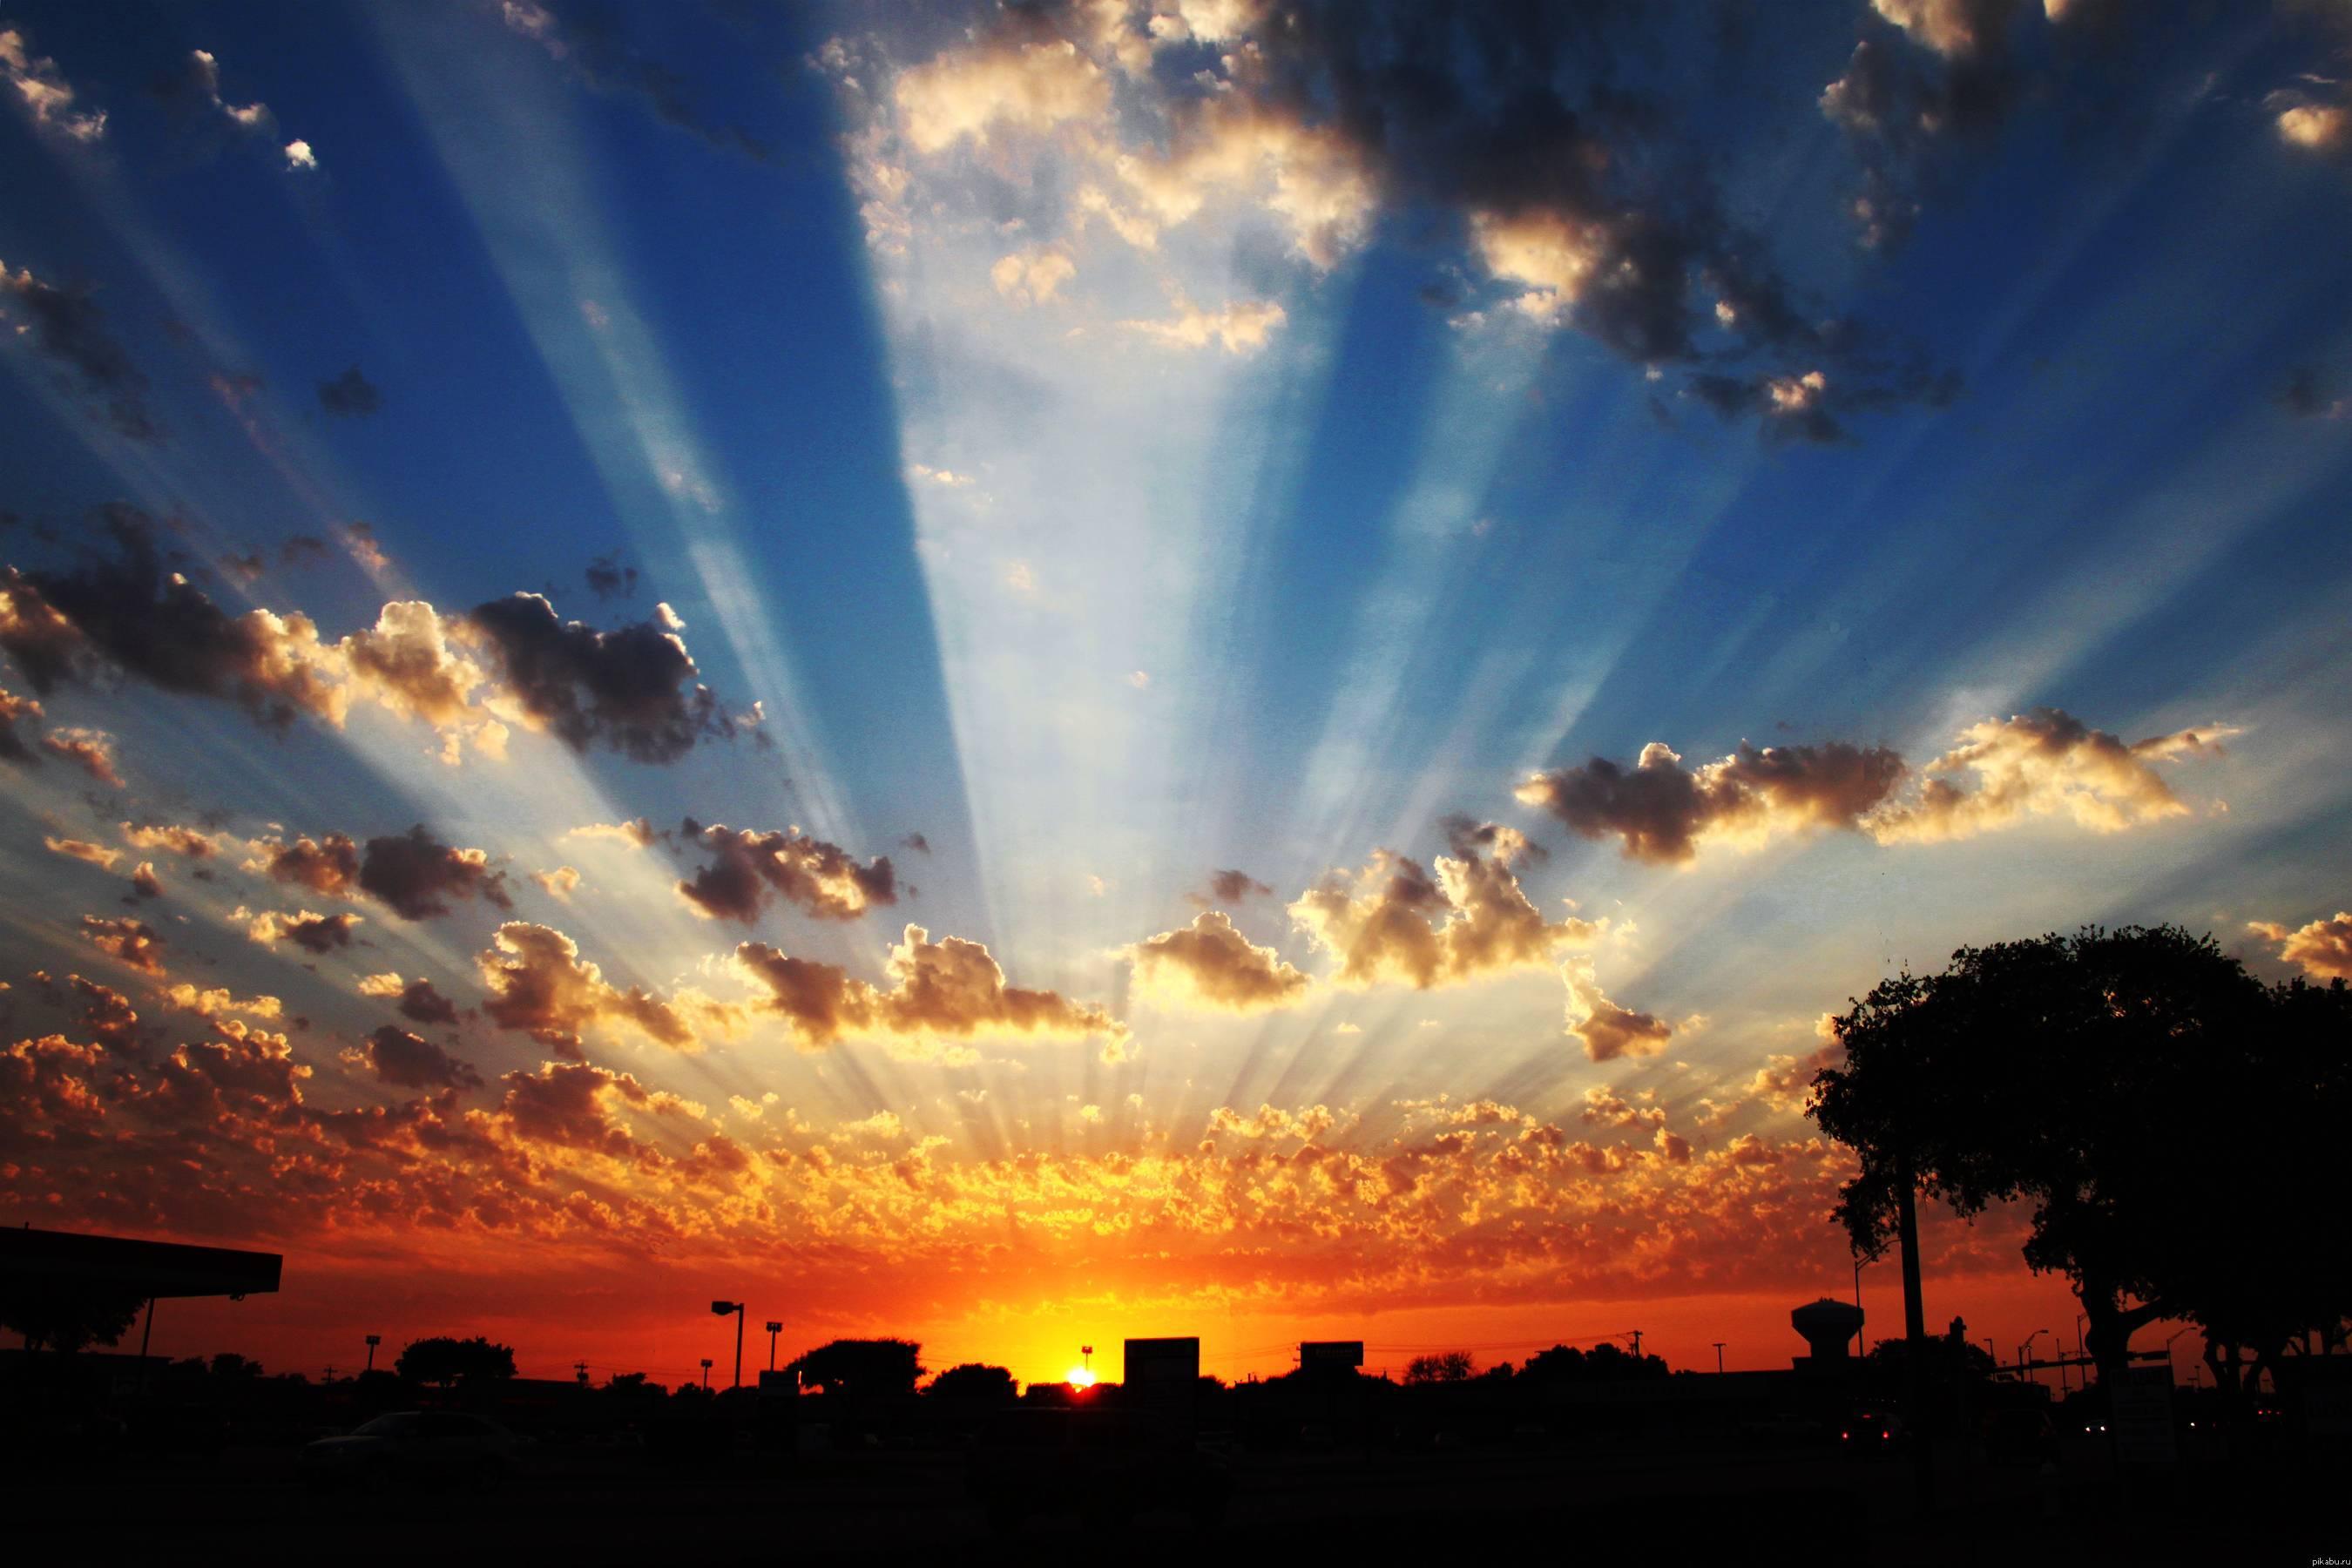 красивые рассвет фото